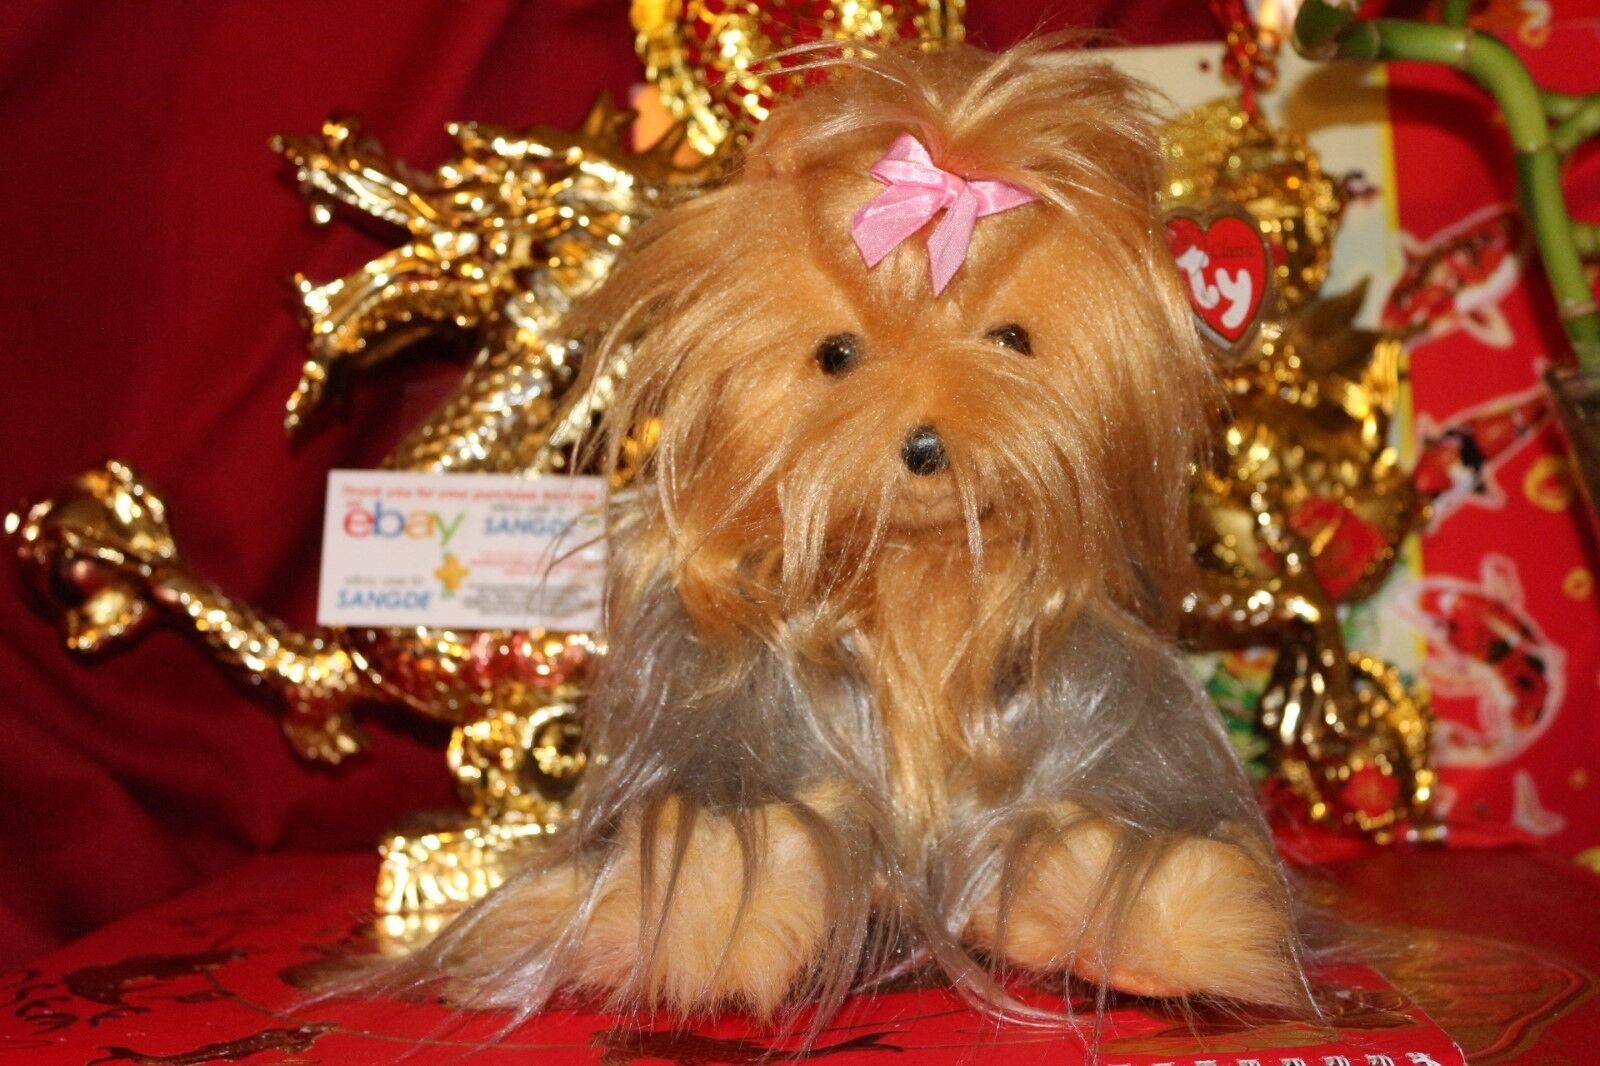 Das klassische mitsy braun & grau yorkie dog-11  - 2006 release-mwnmt-nice geschenk